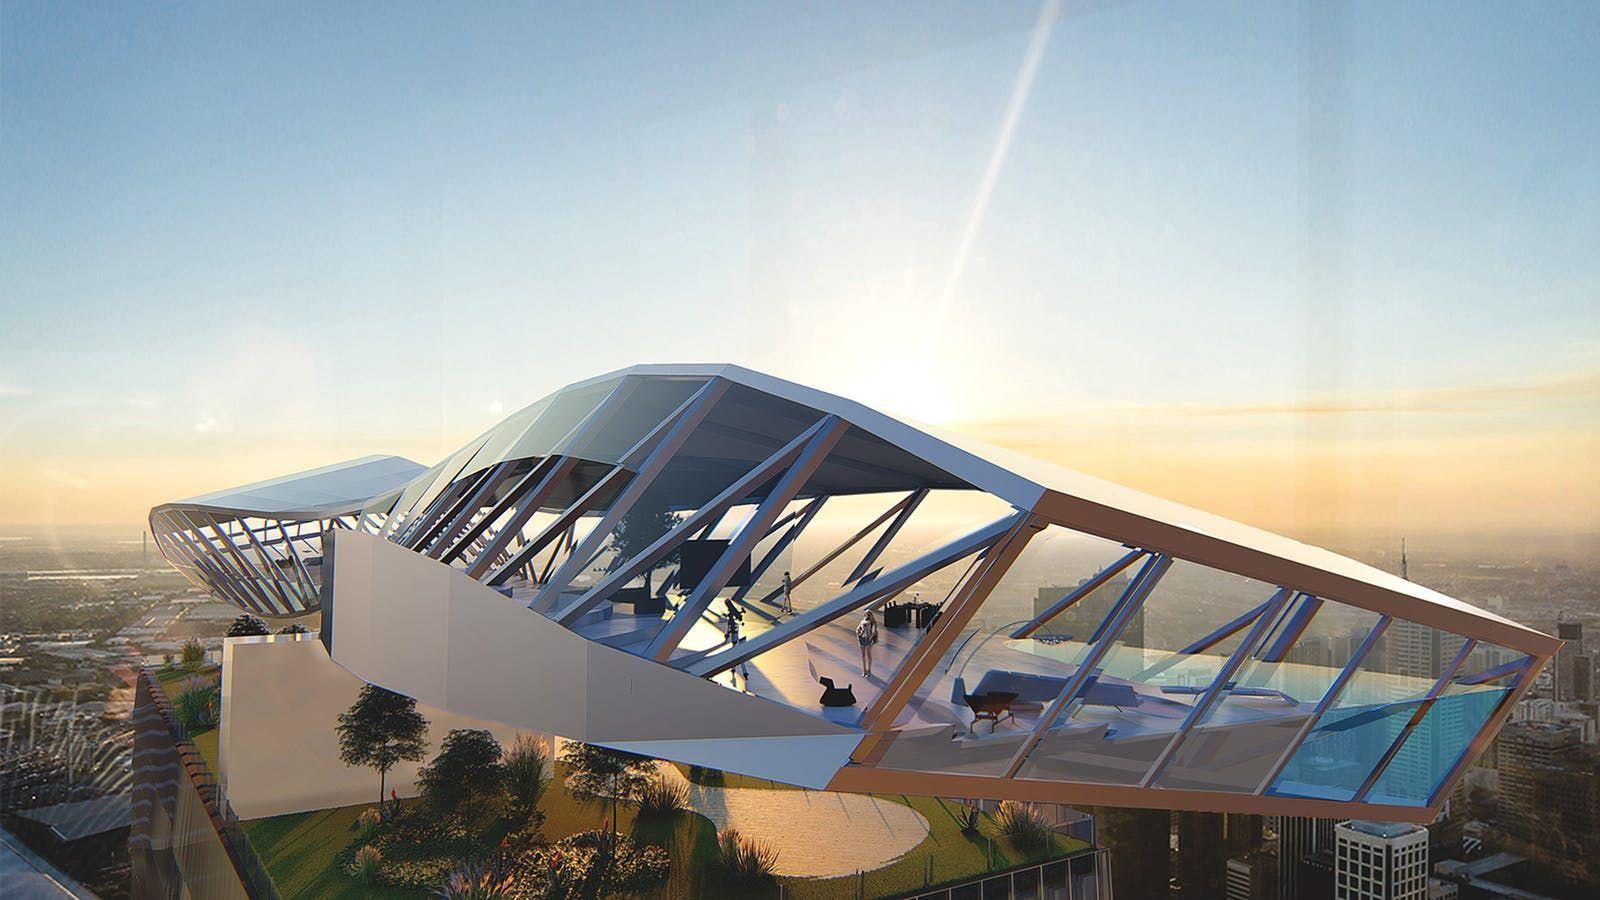 Coop Himmelb(l)au + Architectus design propellerpenthouse